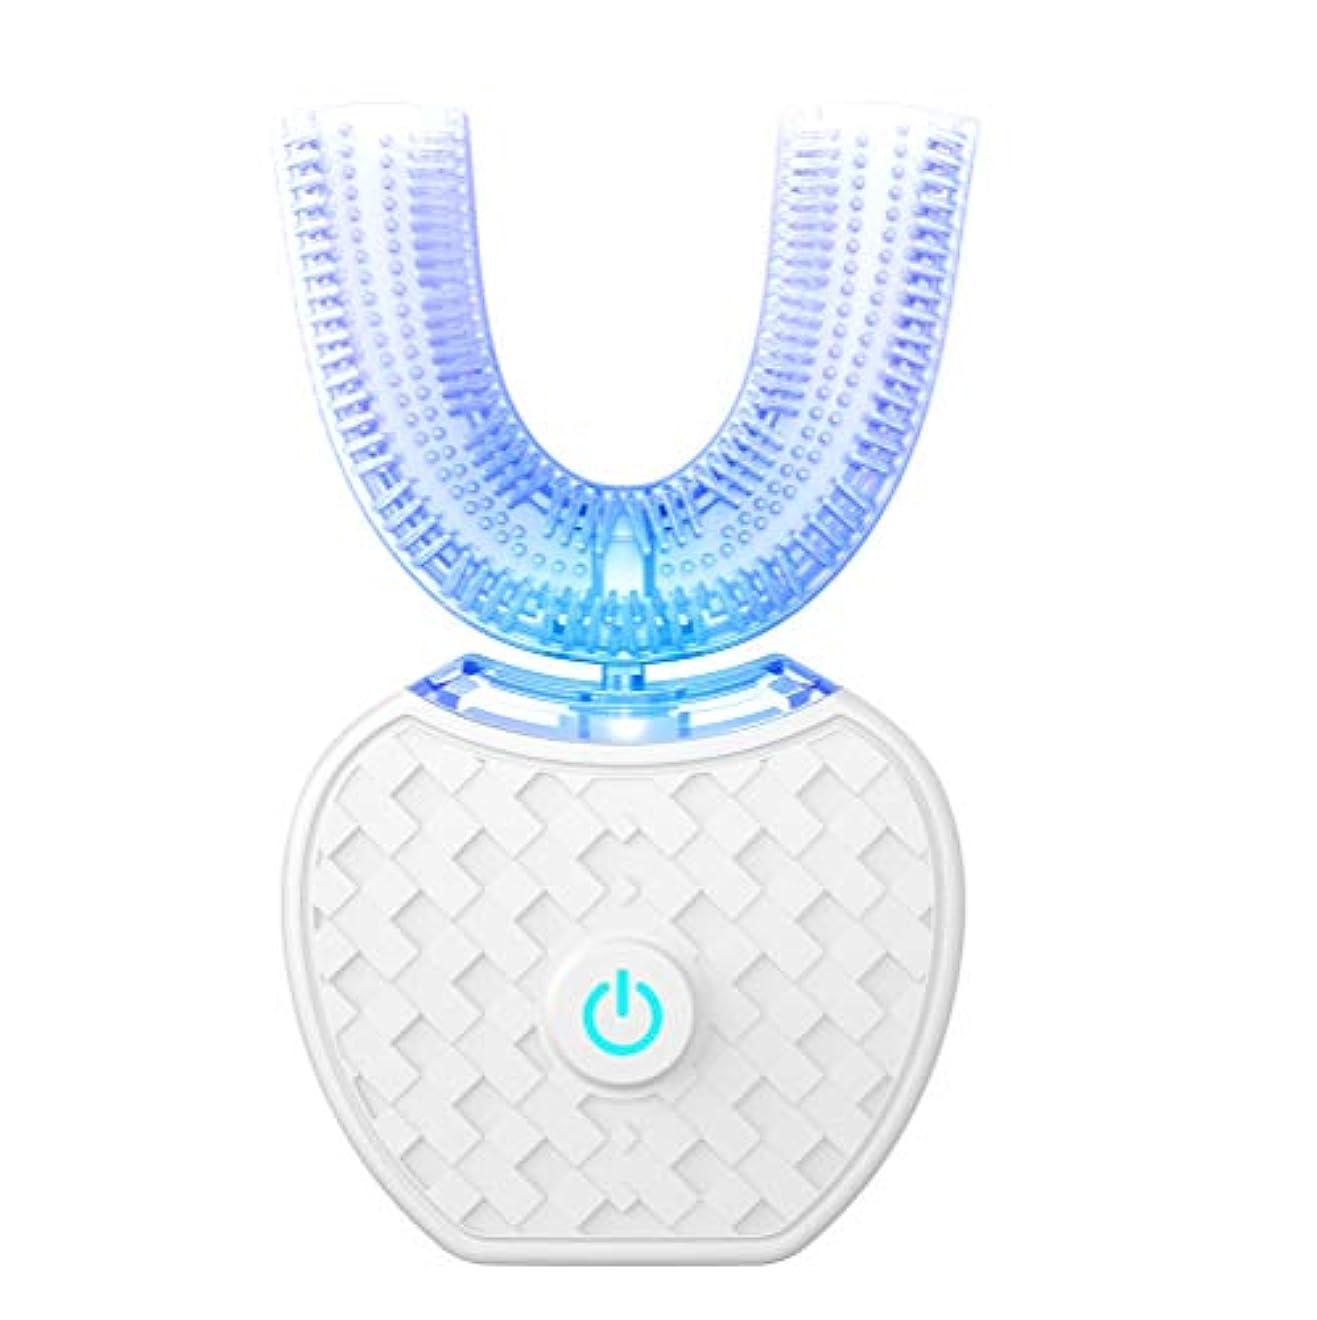 ファームジョリーキャッシュアップグレード 電動歯ブラシ 口腔洗浄器 音波振動歯ブラシ デンタルケア 美歯 IPX7防水 ワイヤレス充電 虫歯予防 U型 360°全方位 ホワイト